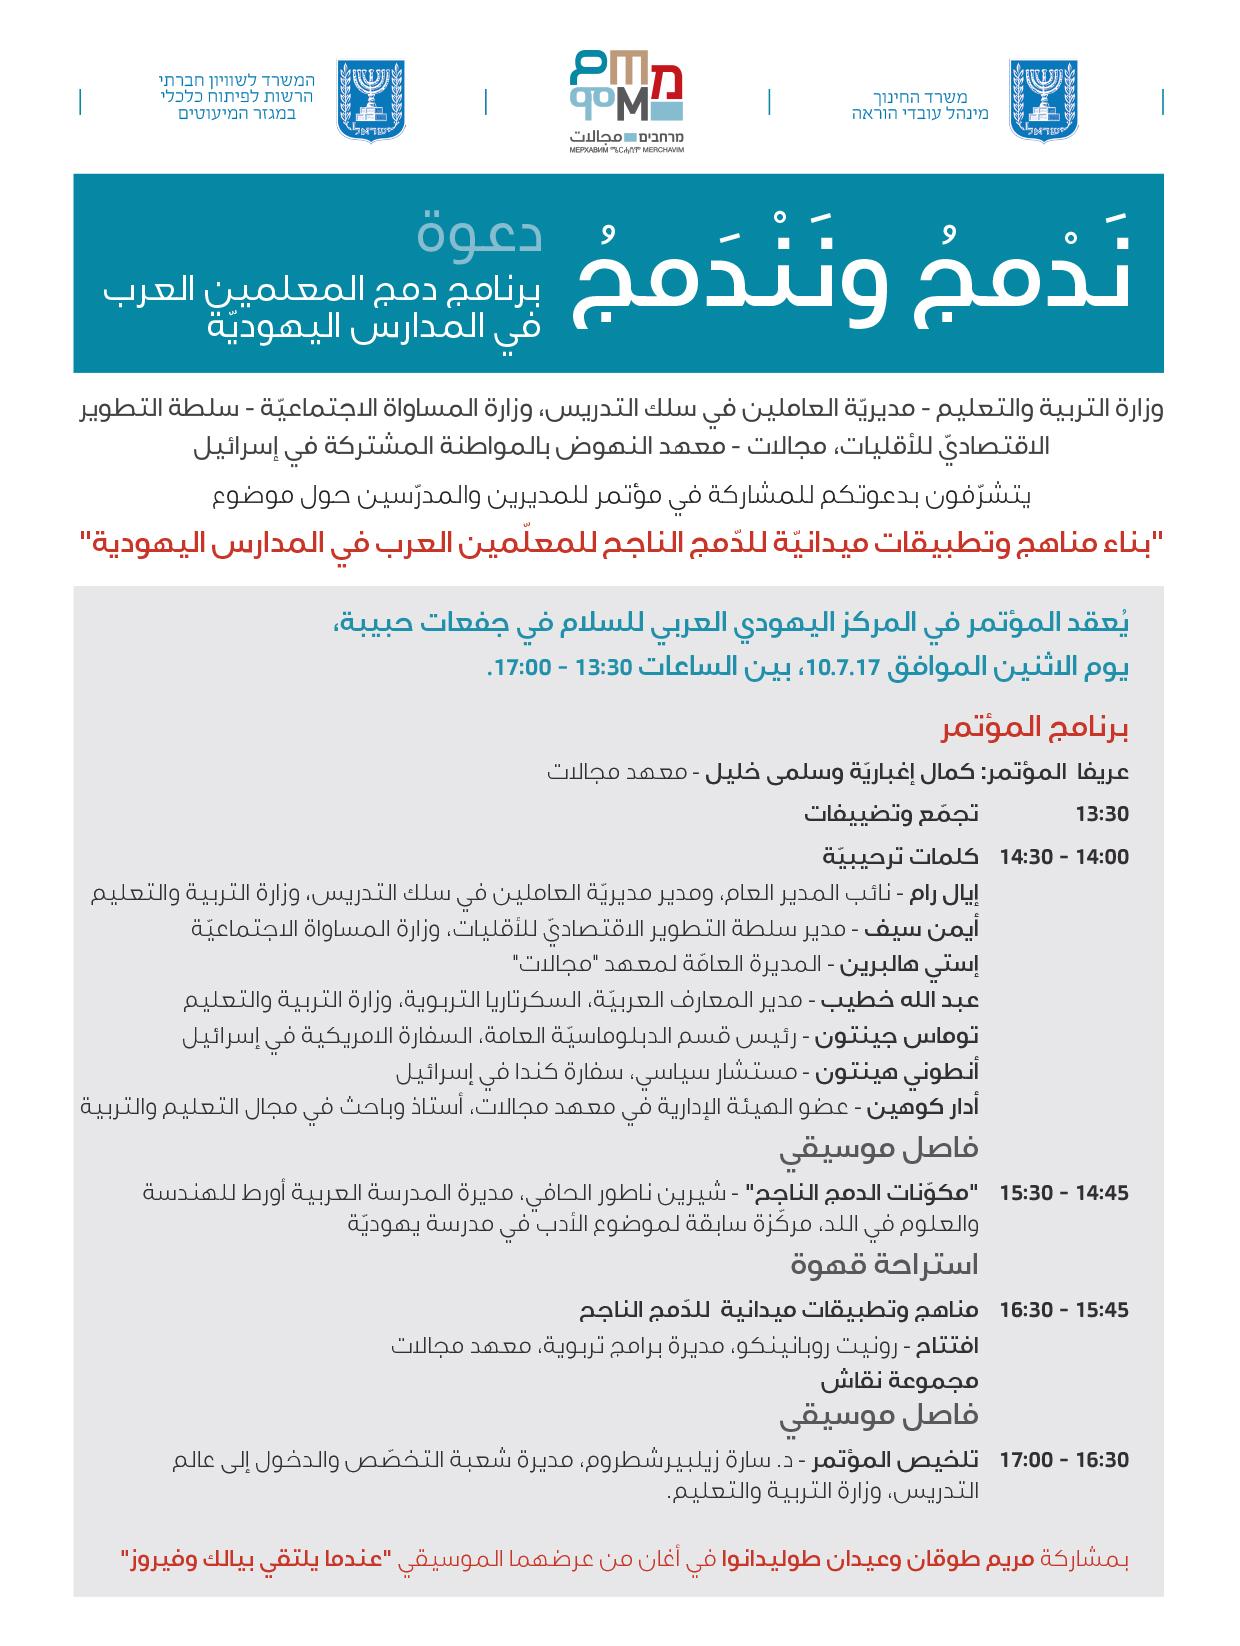 ATI Invite Arabic